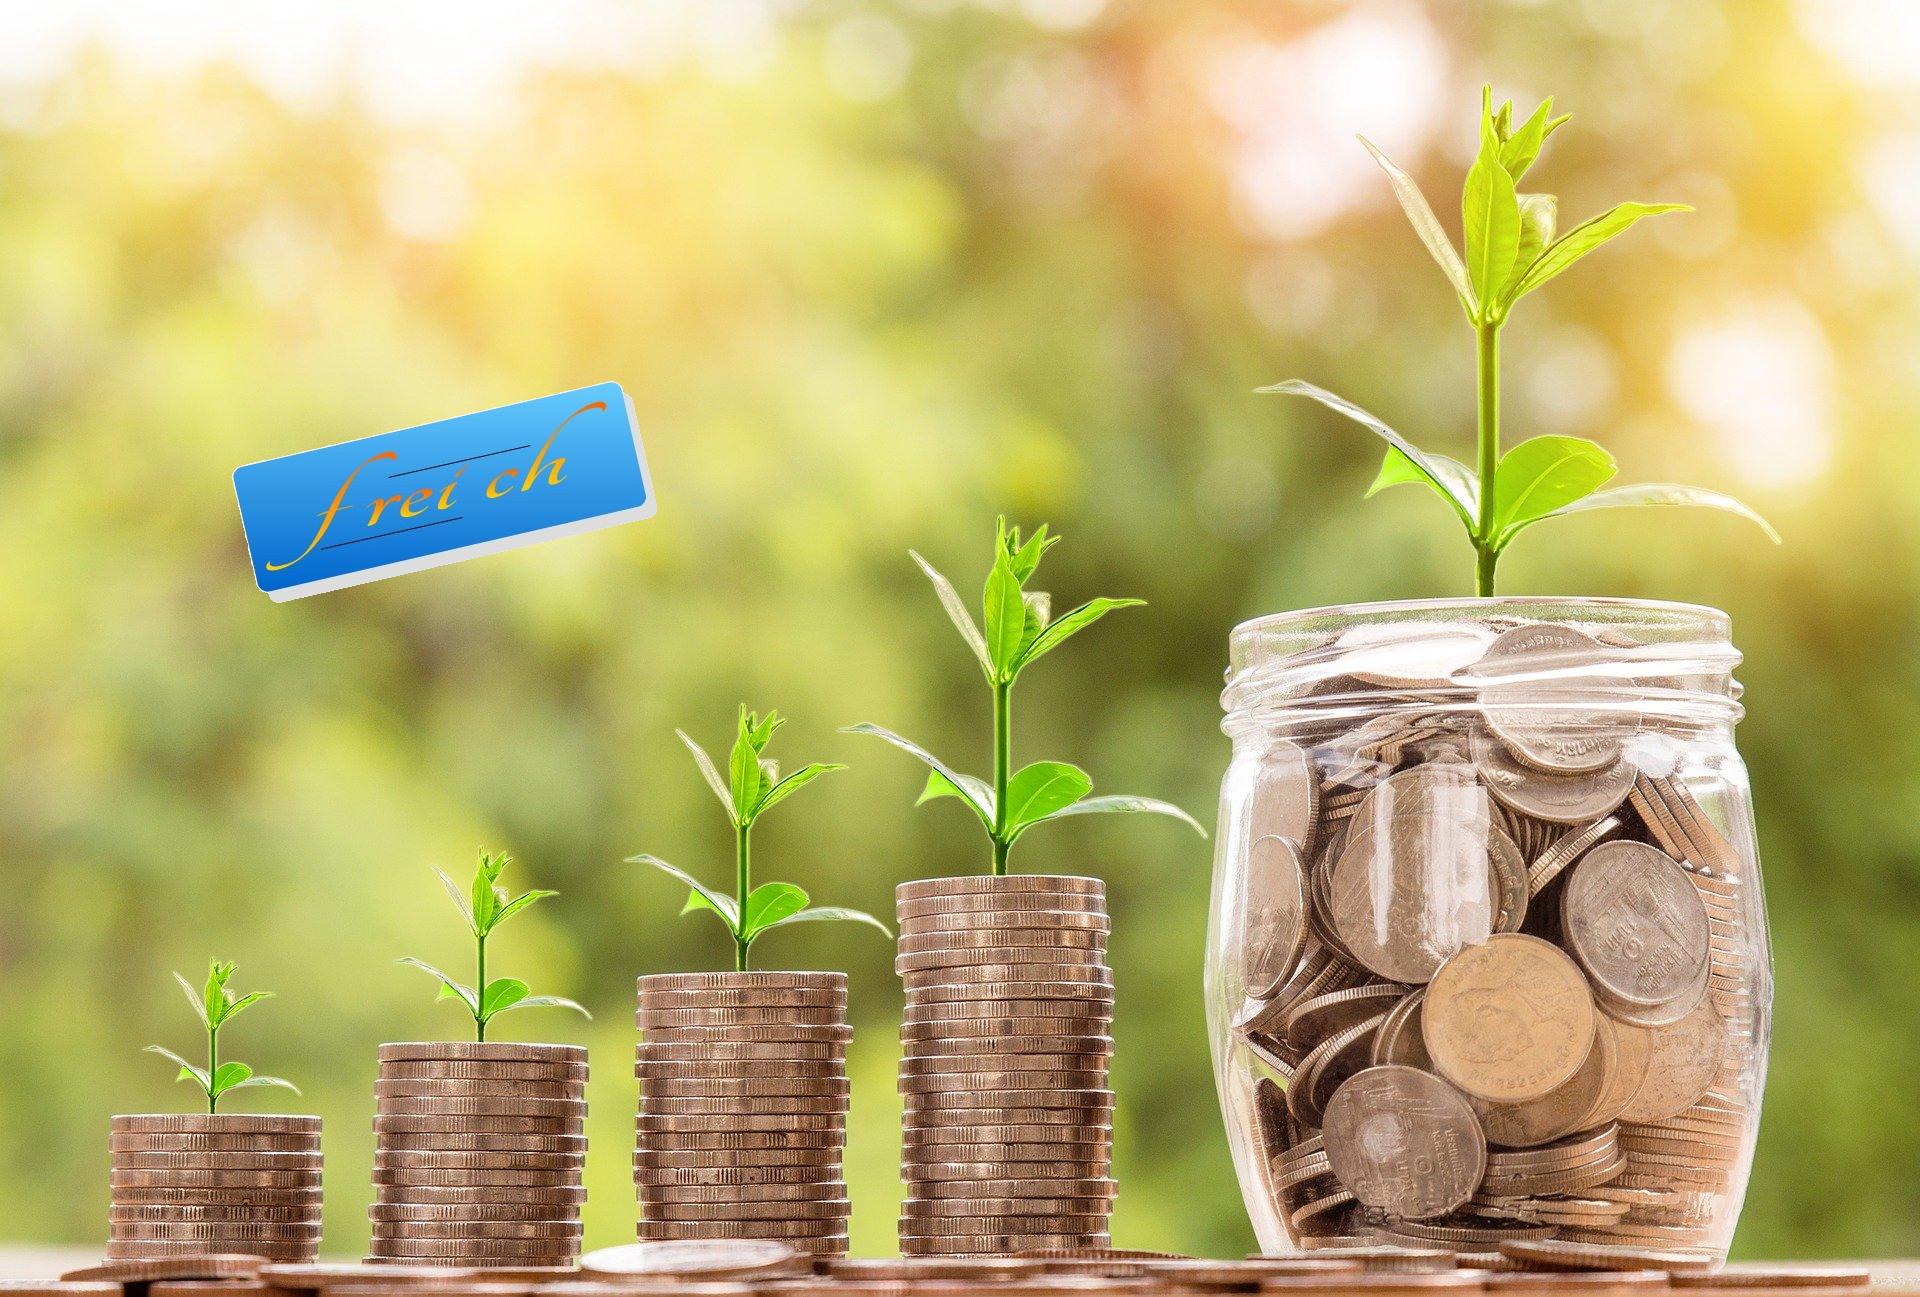 frei und reich - mit EFT-kreativ zu finanzieller Freiheit